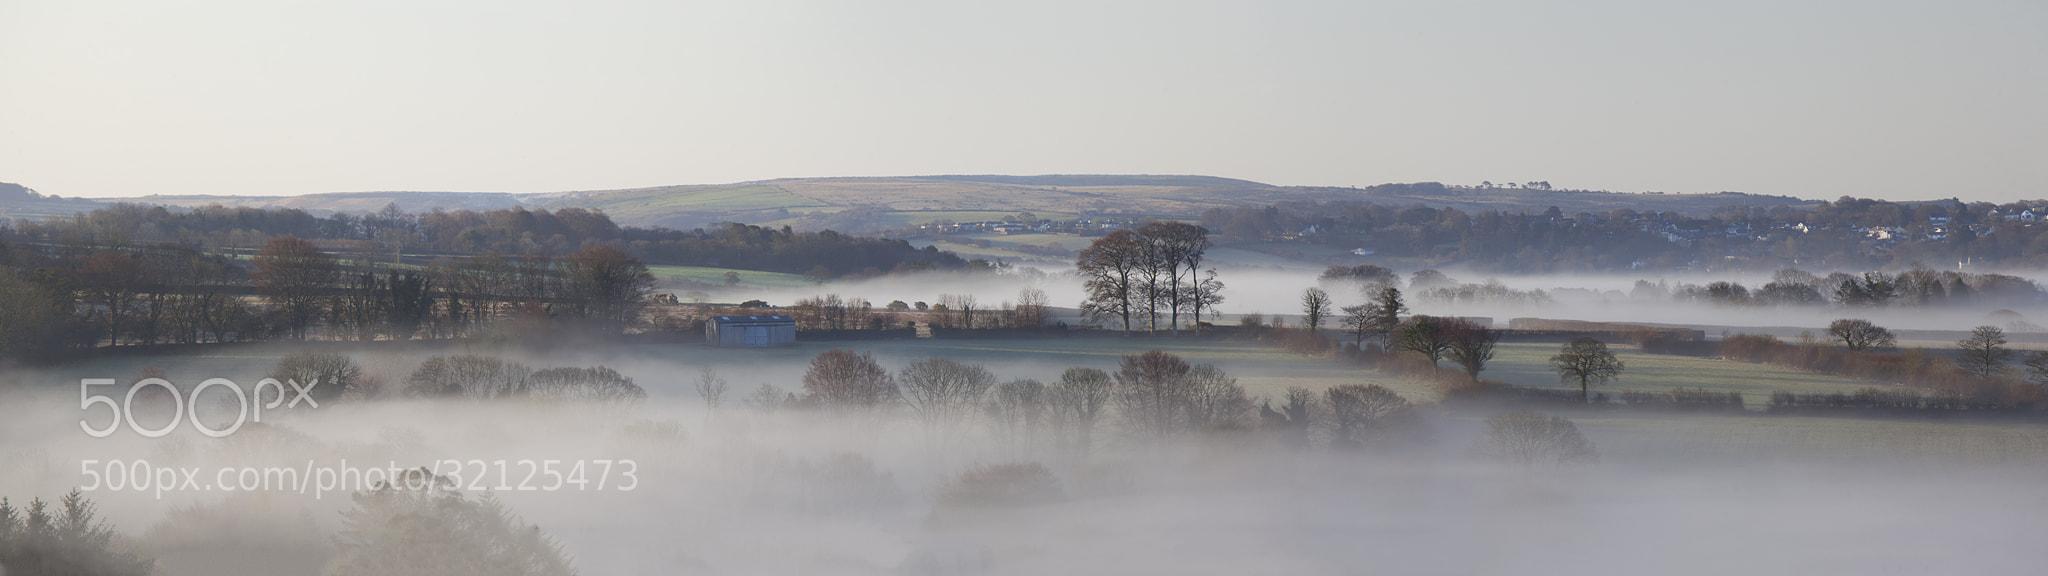 Photograph Mist over Dartmoor by Daniel Hannabuss on 500px